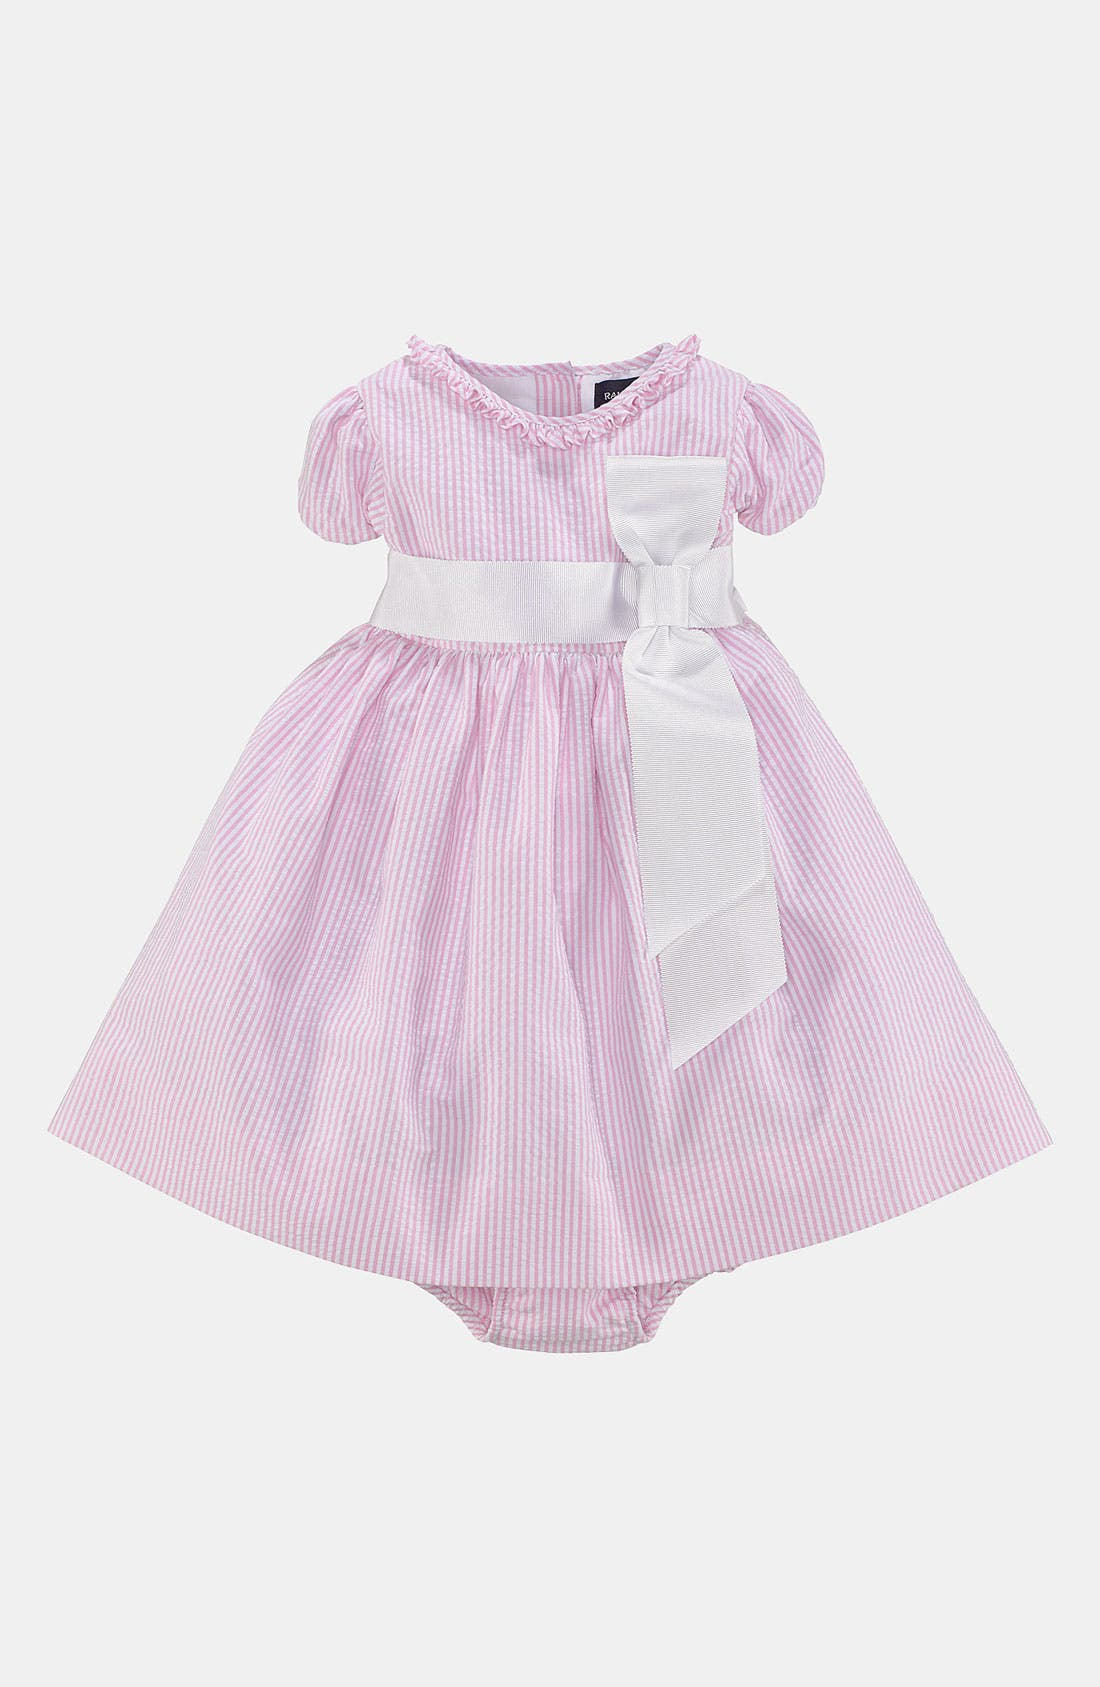 Main Image - Ralph Lauren Seersucker Dress & Bloomers (Baby Girls)